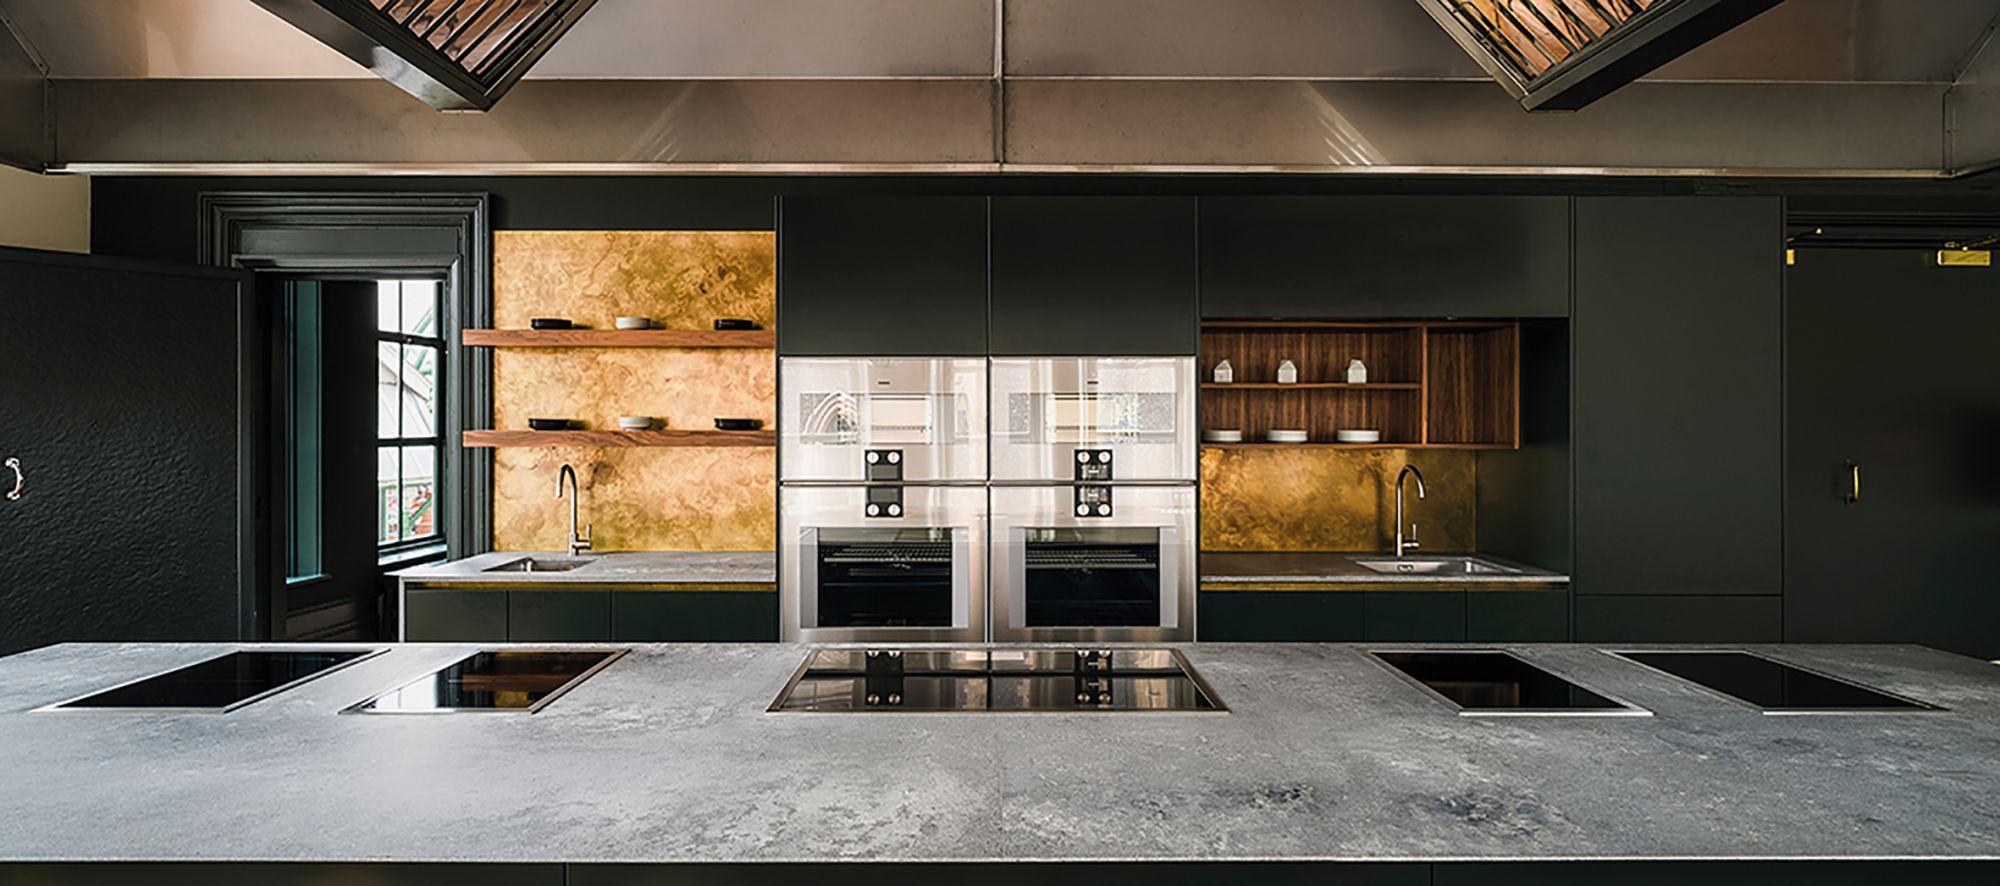 品味生活少不了對家中設備的高標追求,豪宅廚電品牌 Gaggenau 成為高端生活必備的廚房利器!